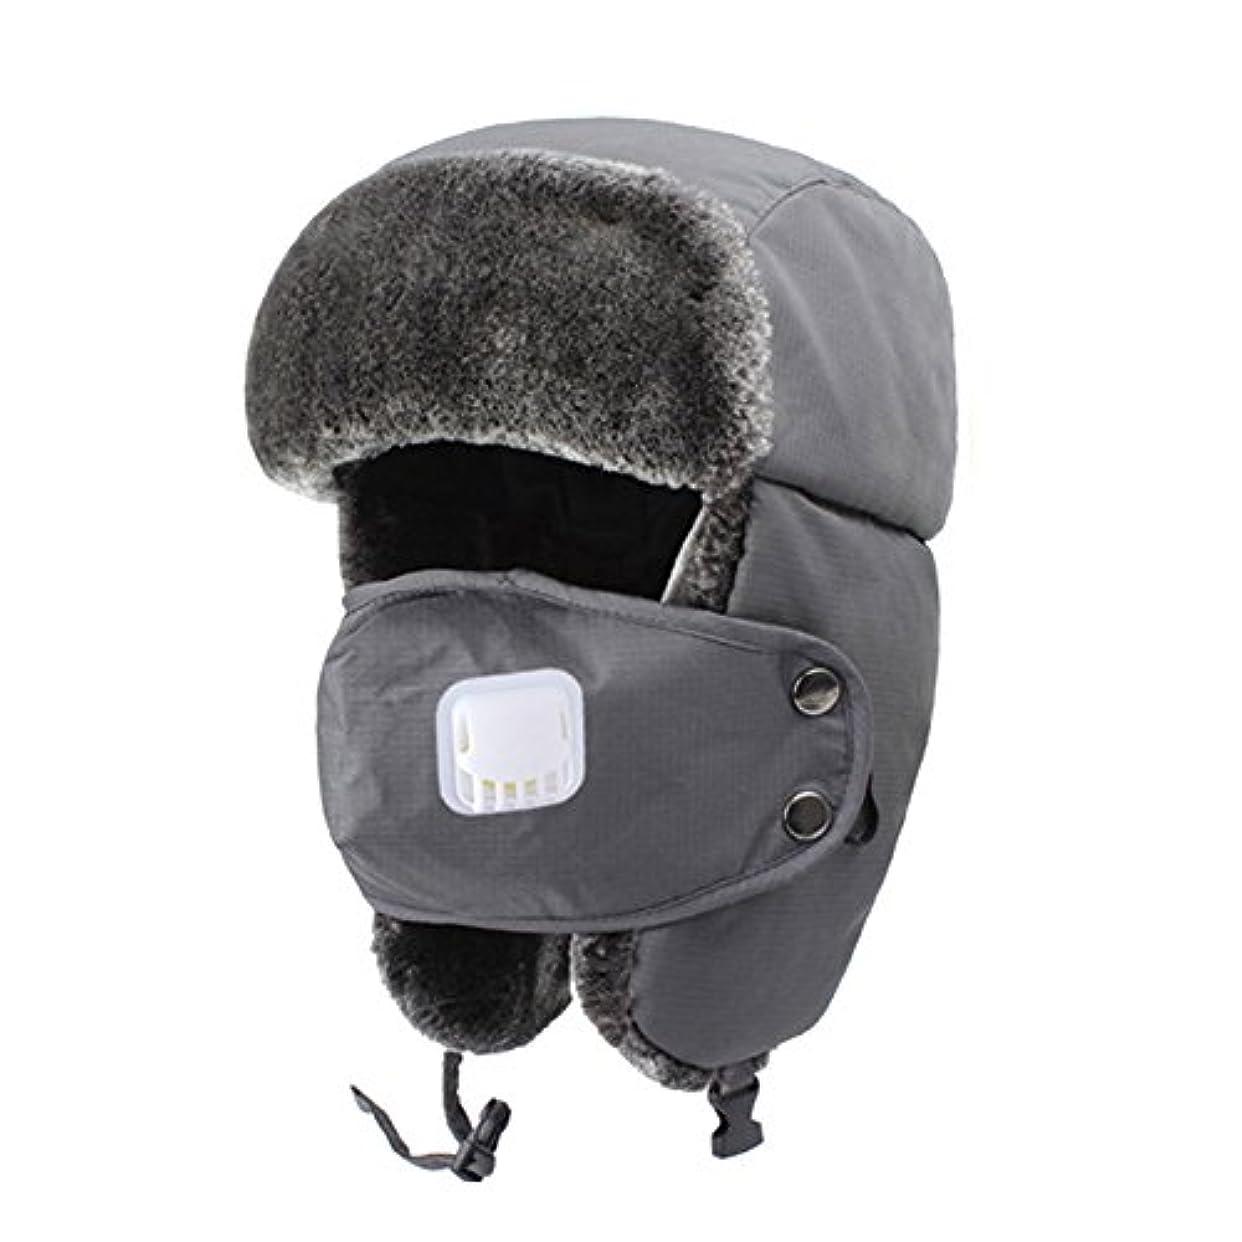 発明する協力申し立てTeFuAnAn 飛行帽 パイロットキャップ 防寒帽子 マスク 耳あて付 スキー アウトドア 防塵 防寒 防風 冬 男女兼用 2色可選(ブラック)